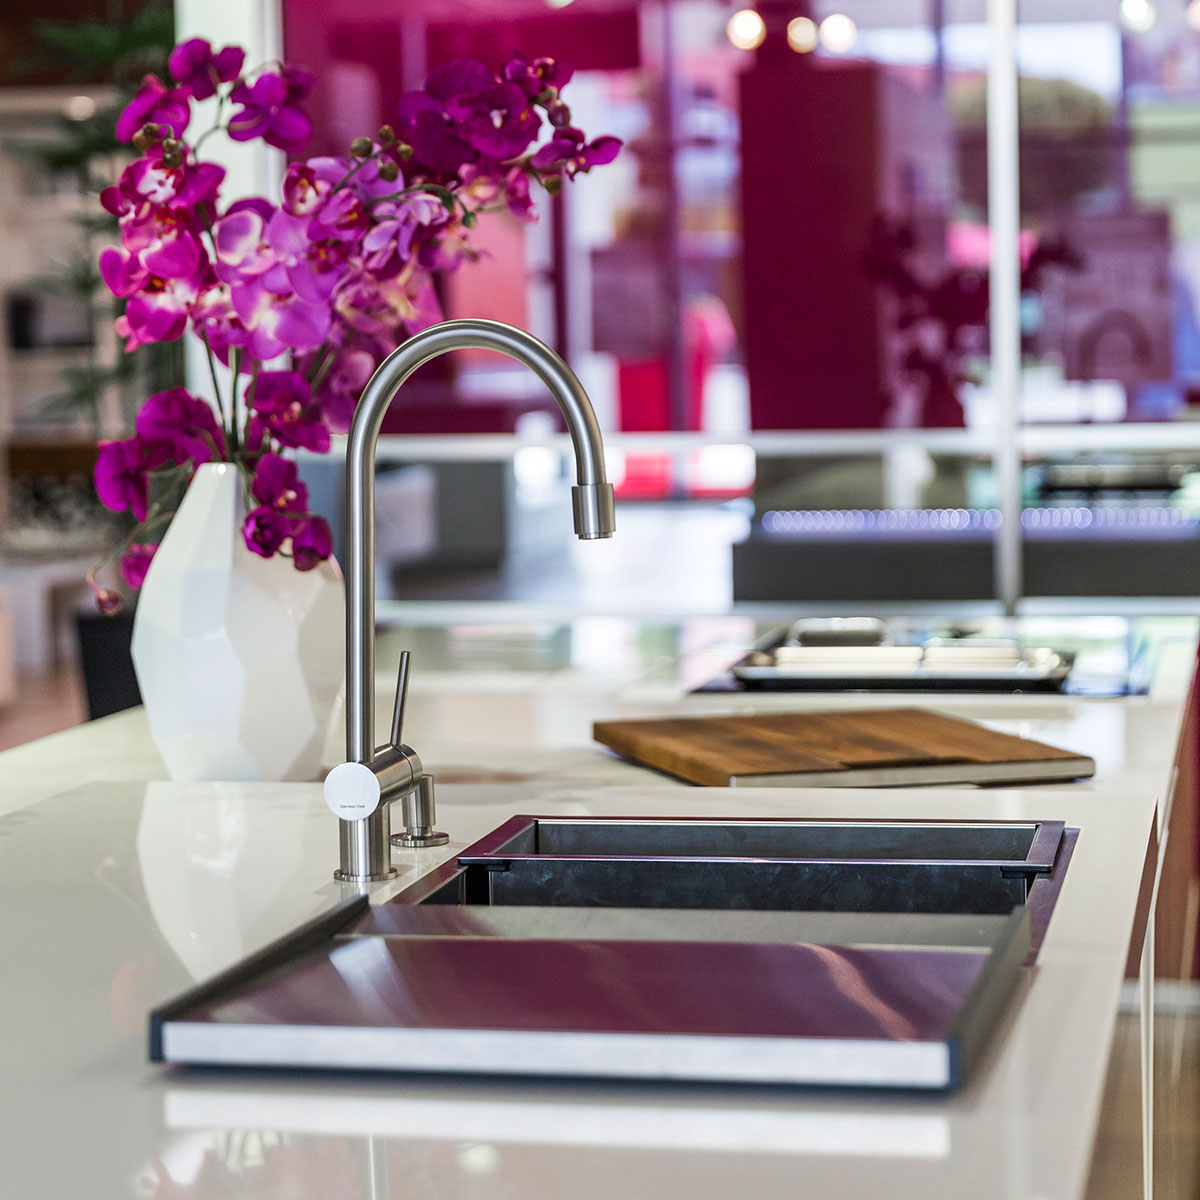 magasin cuisine nancy elegant magasin cuisine accessoires cuisine passion bouteille verre litre. Black Bedroom Furniture Sets. Home Design Ideas